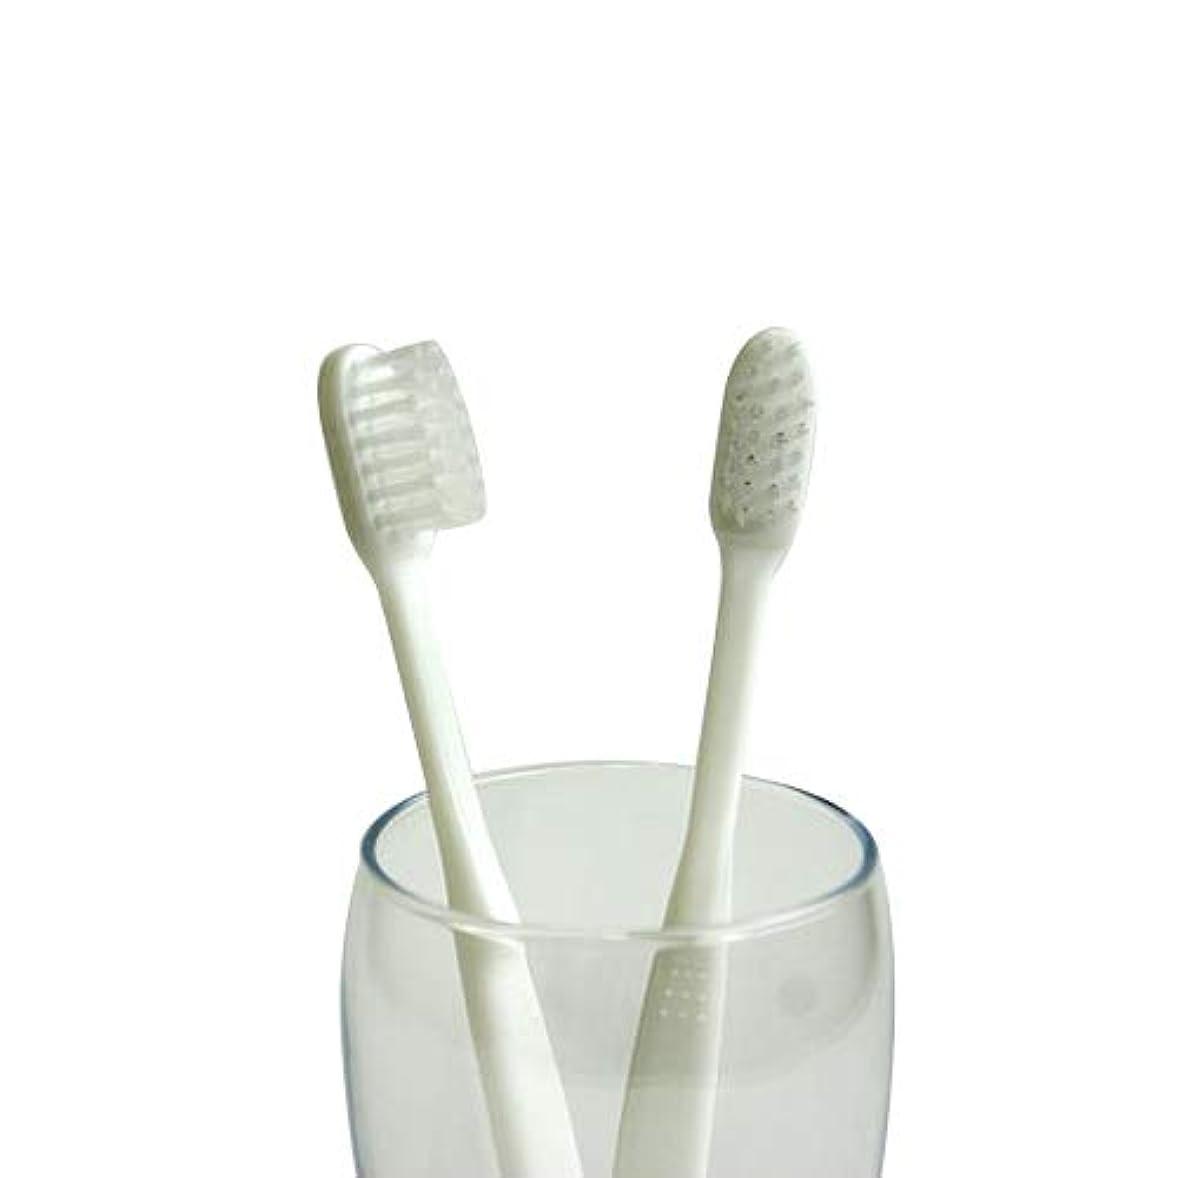 爆発用量アルコーブ業務用使い捨て歯ブラシ(ハミガキ粉無し) 100本入り│口腔衛生用 清掃用 掃除用 工業用 ハブラシ はぶらし